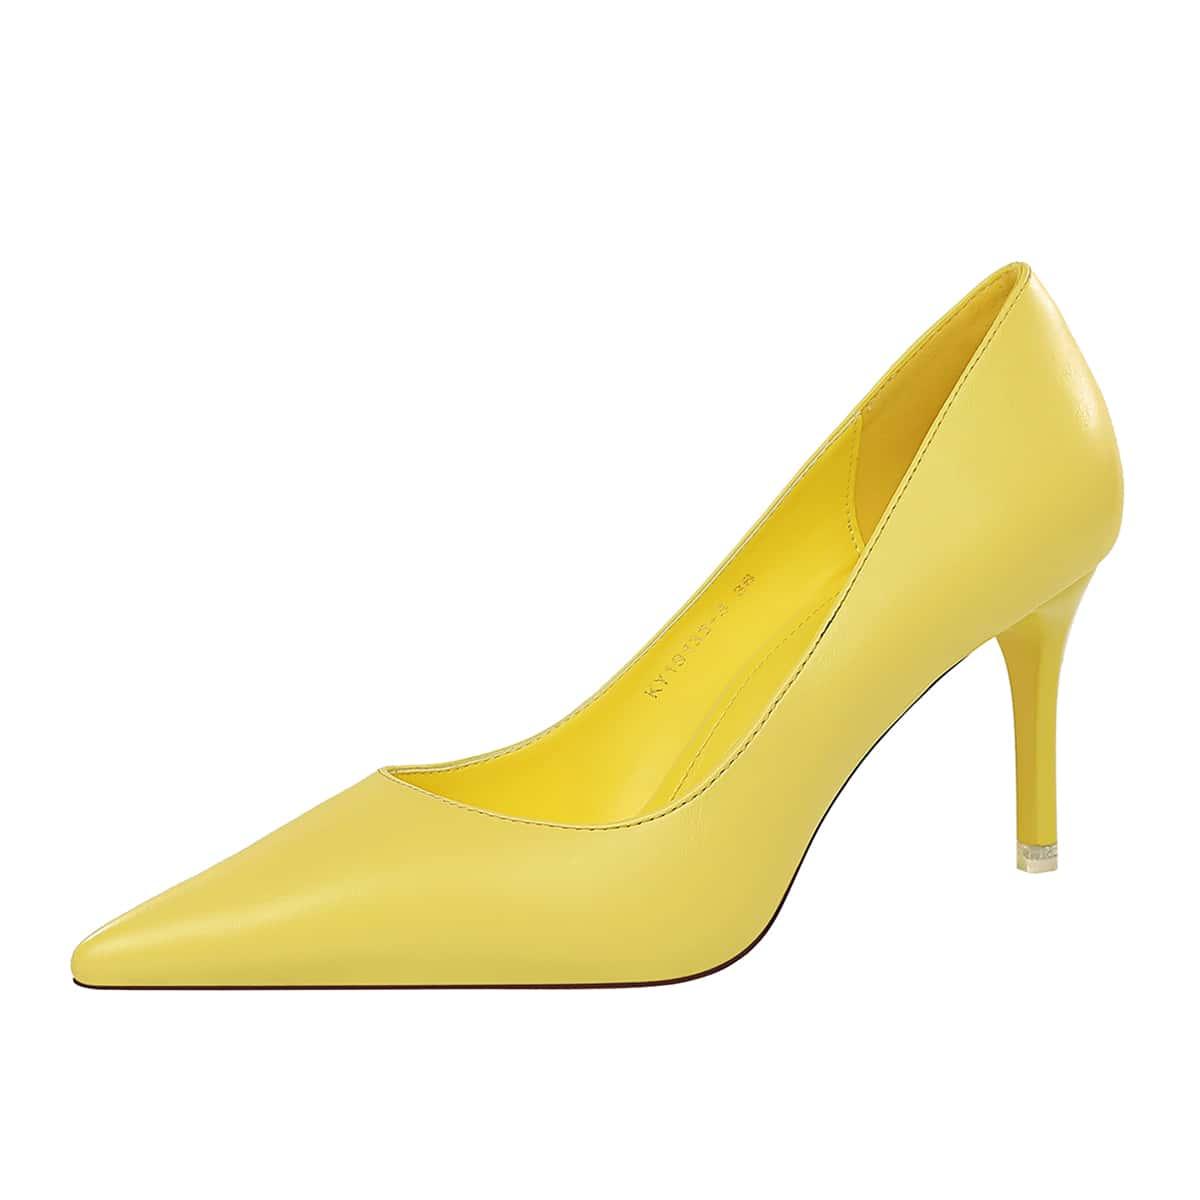 Остроконечные туфли на шпильках